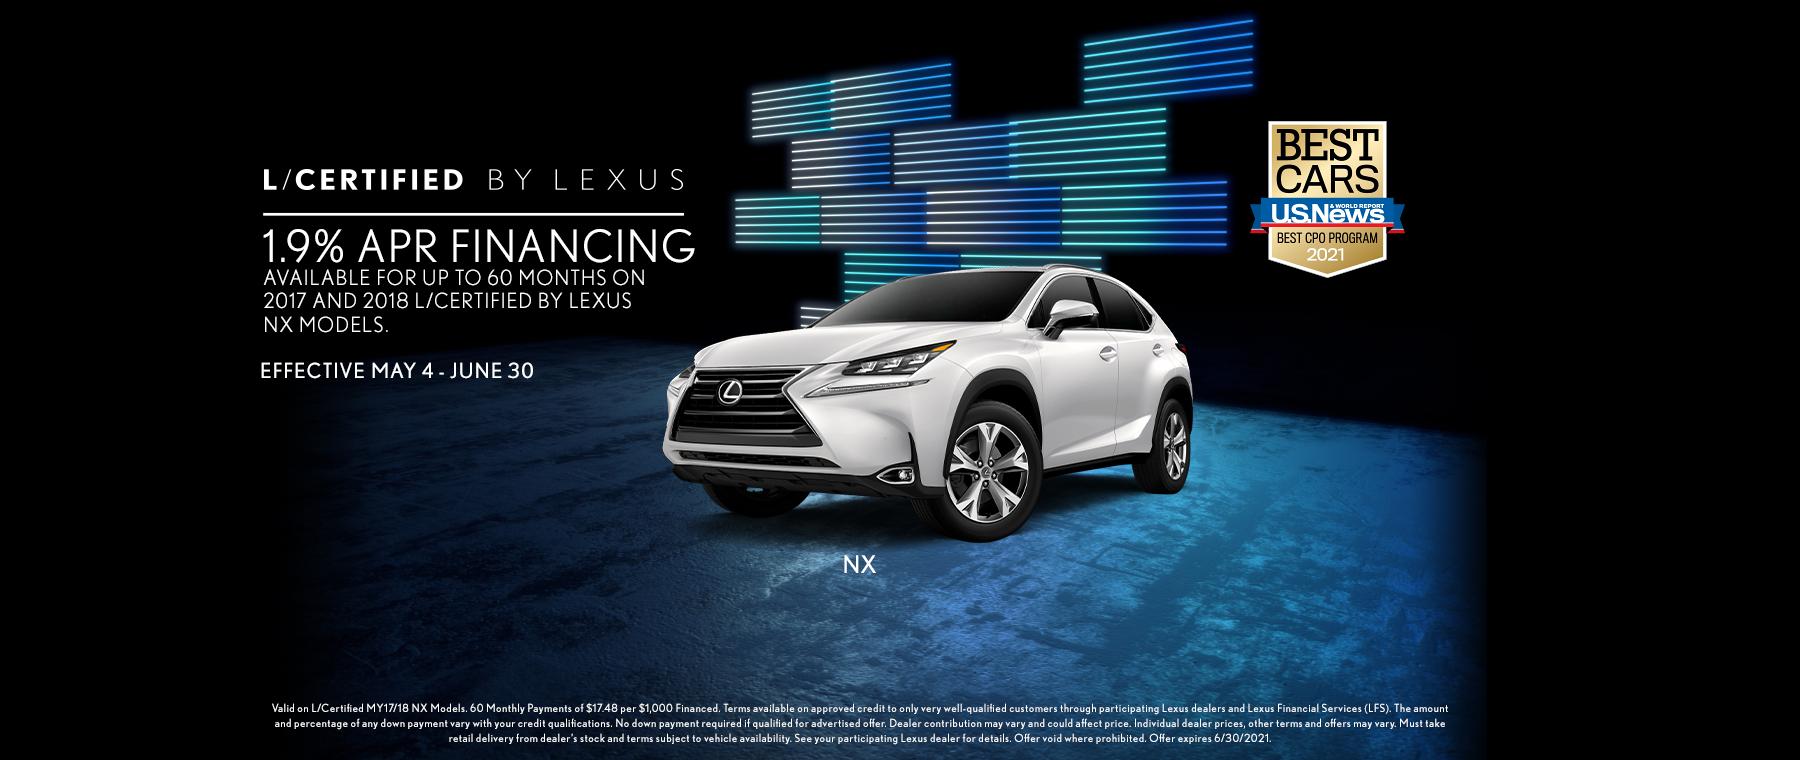 Lexus May LCert NX Offer